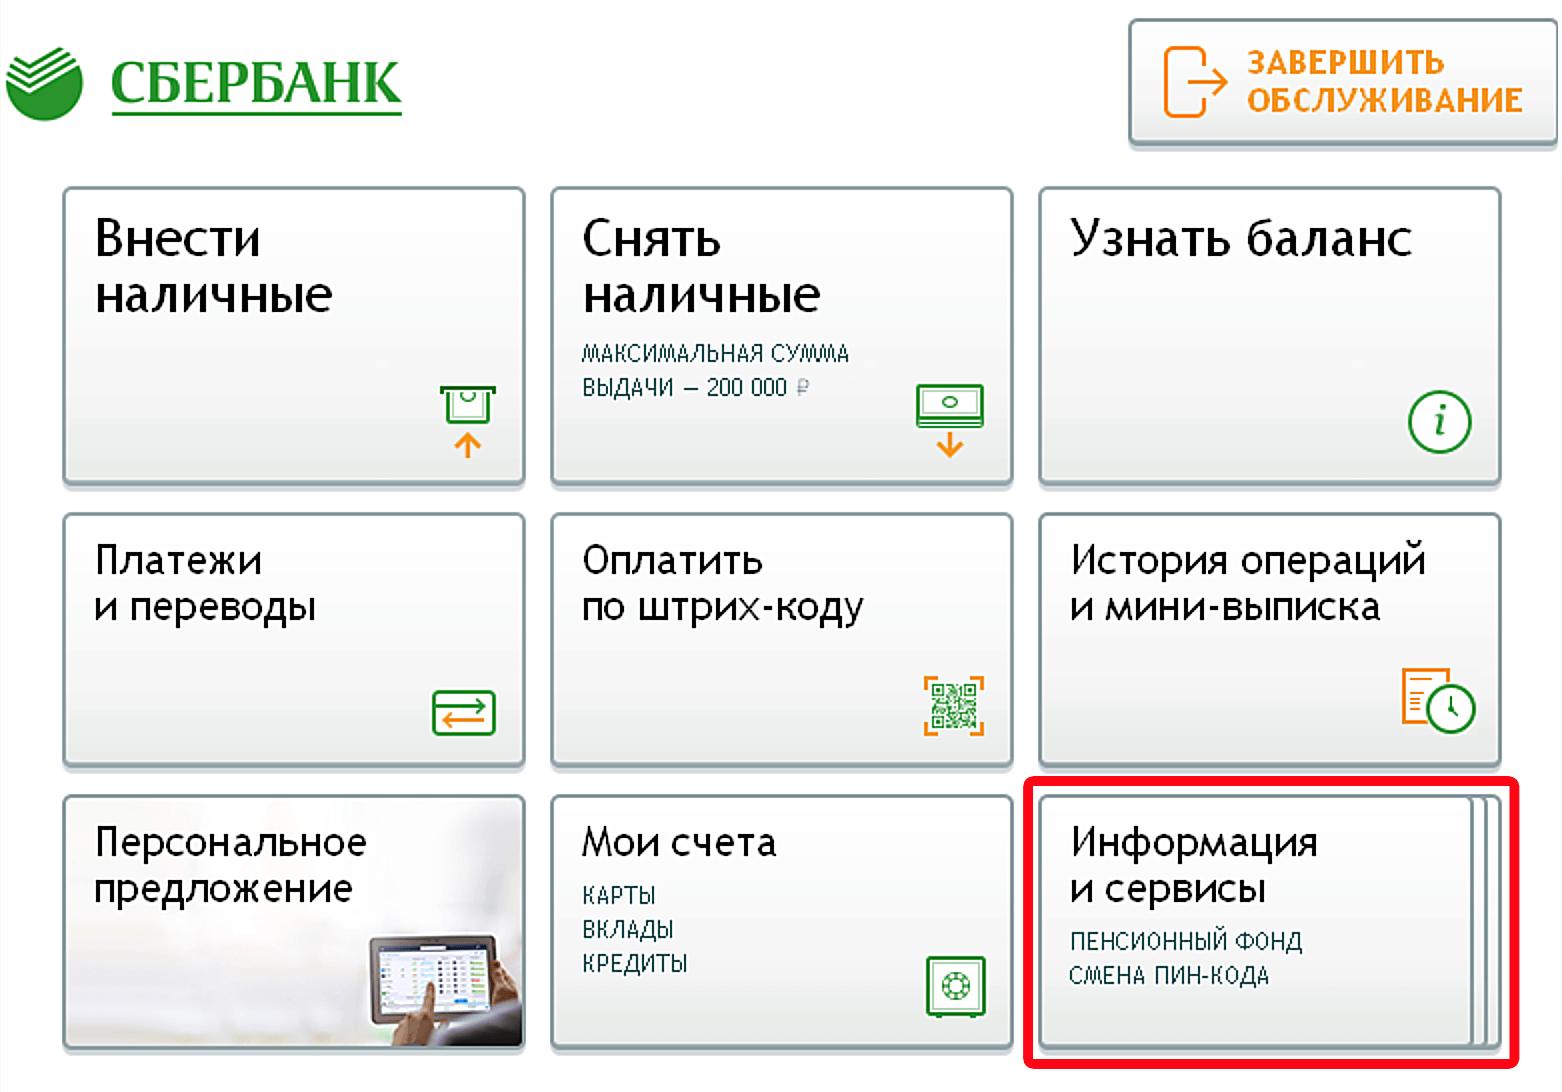 Как отключить СМС оповещение от карты Сбербанка